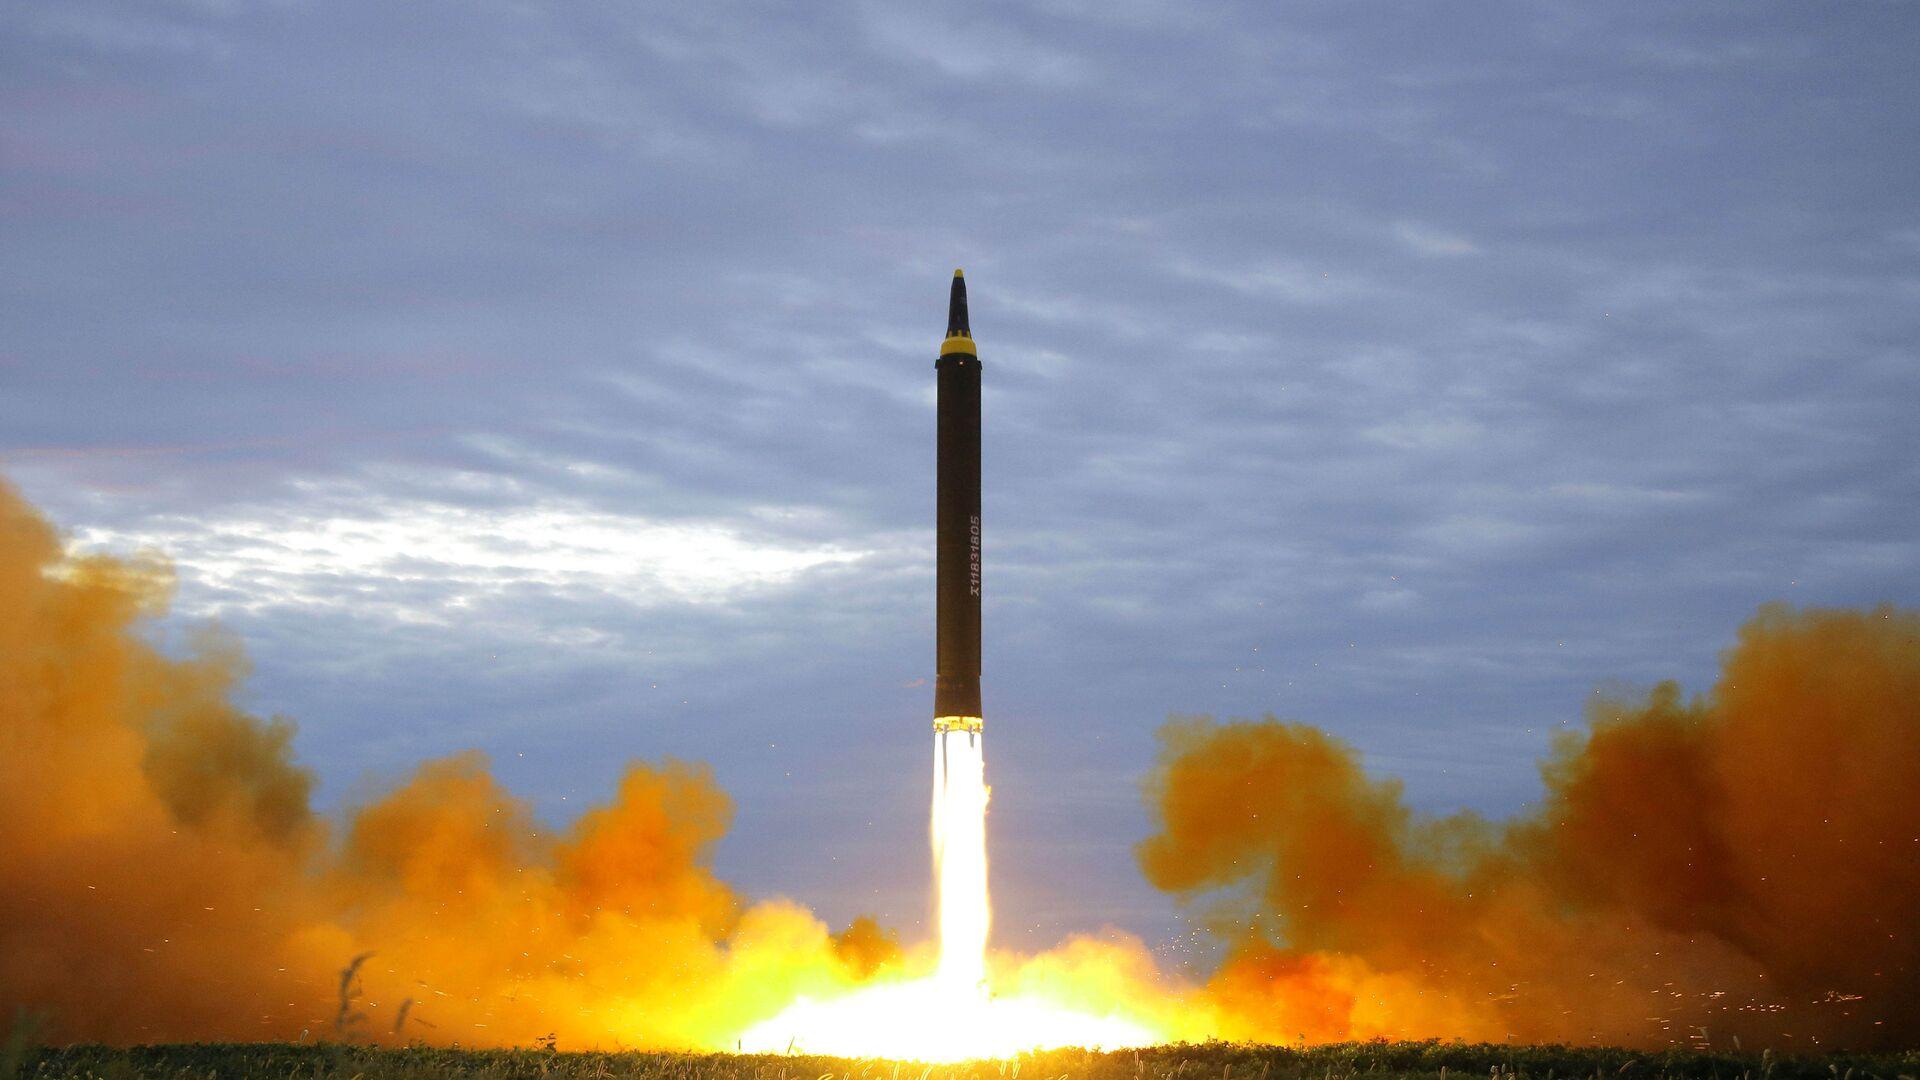 Lanzamiento de un misil por Corea del Norte (archivo) - Sputnik Mundo, 1920, 13.09.2021